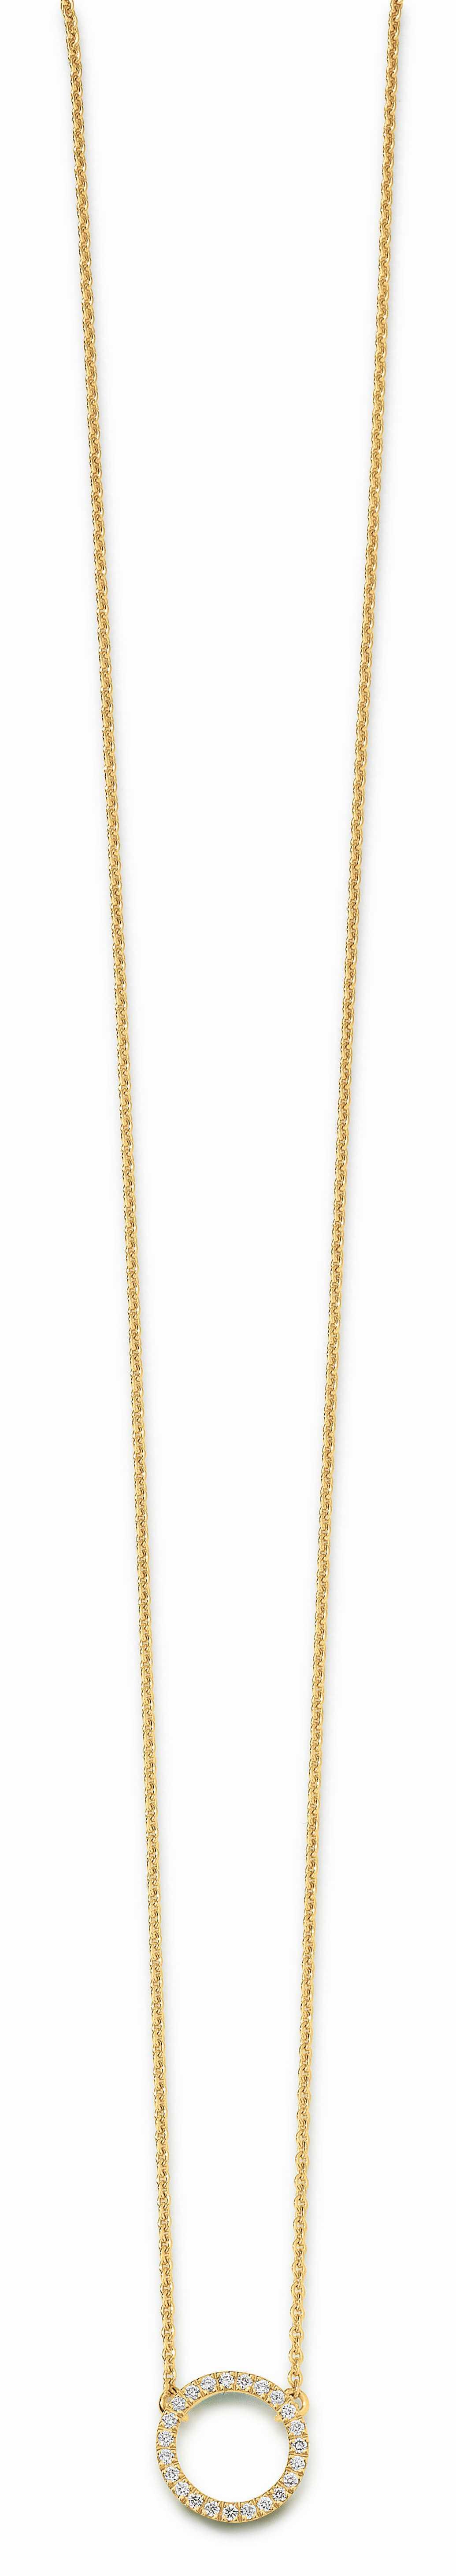 41 6525 081 | Collier/ Kleiner Ring 10mm/ 0,12ct | Lieferbar in den Legierungen 14kt und 18kt in Gelb / Weiß / Rotgold. Farbkombinationen (z.B. Kette Weiß / Ring Rot o. ä. möglich!)